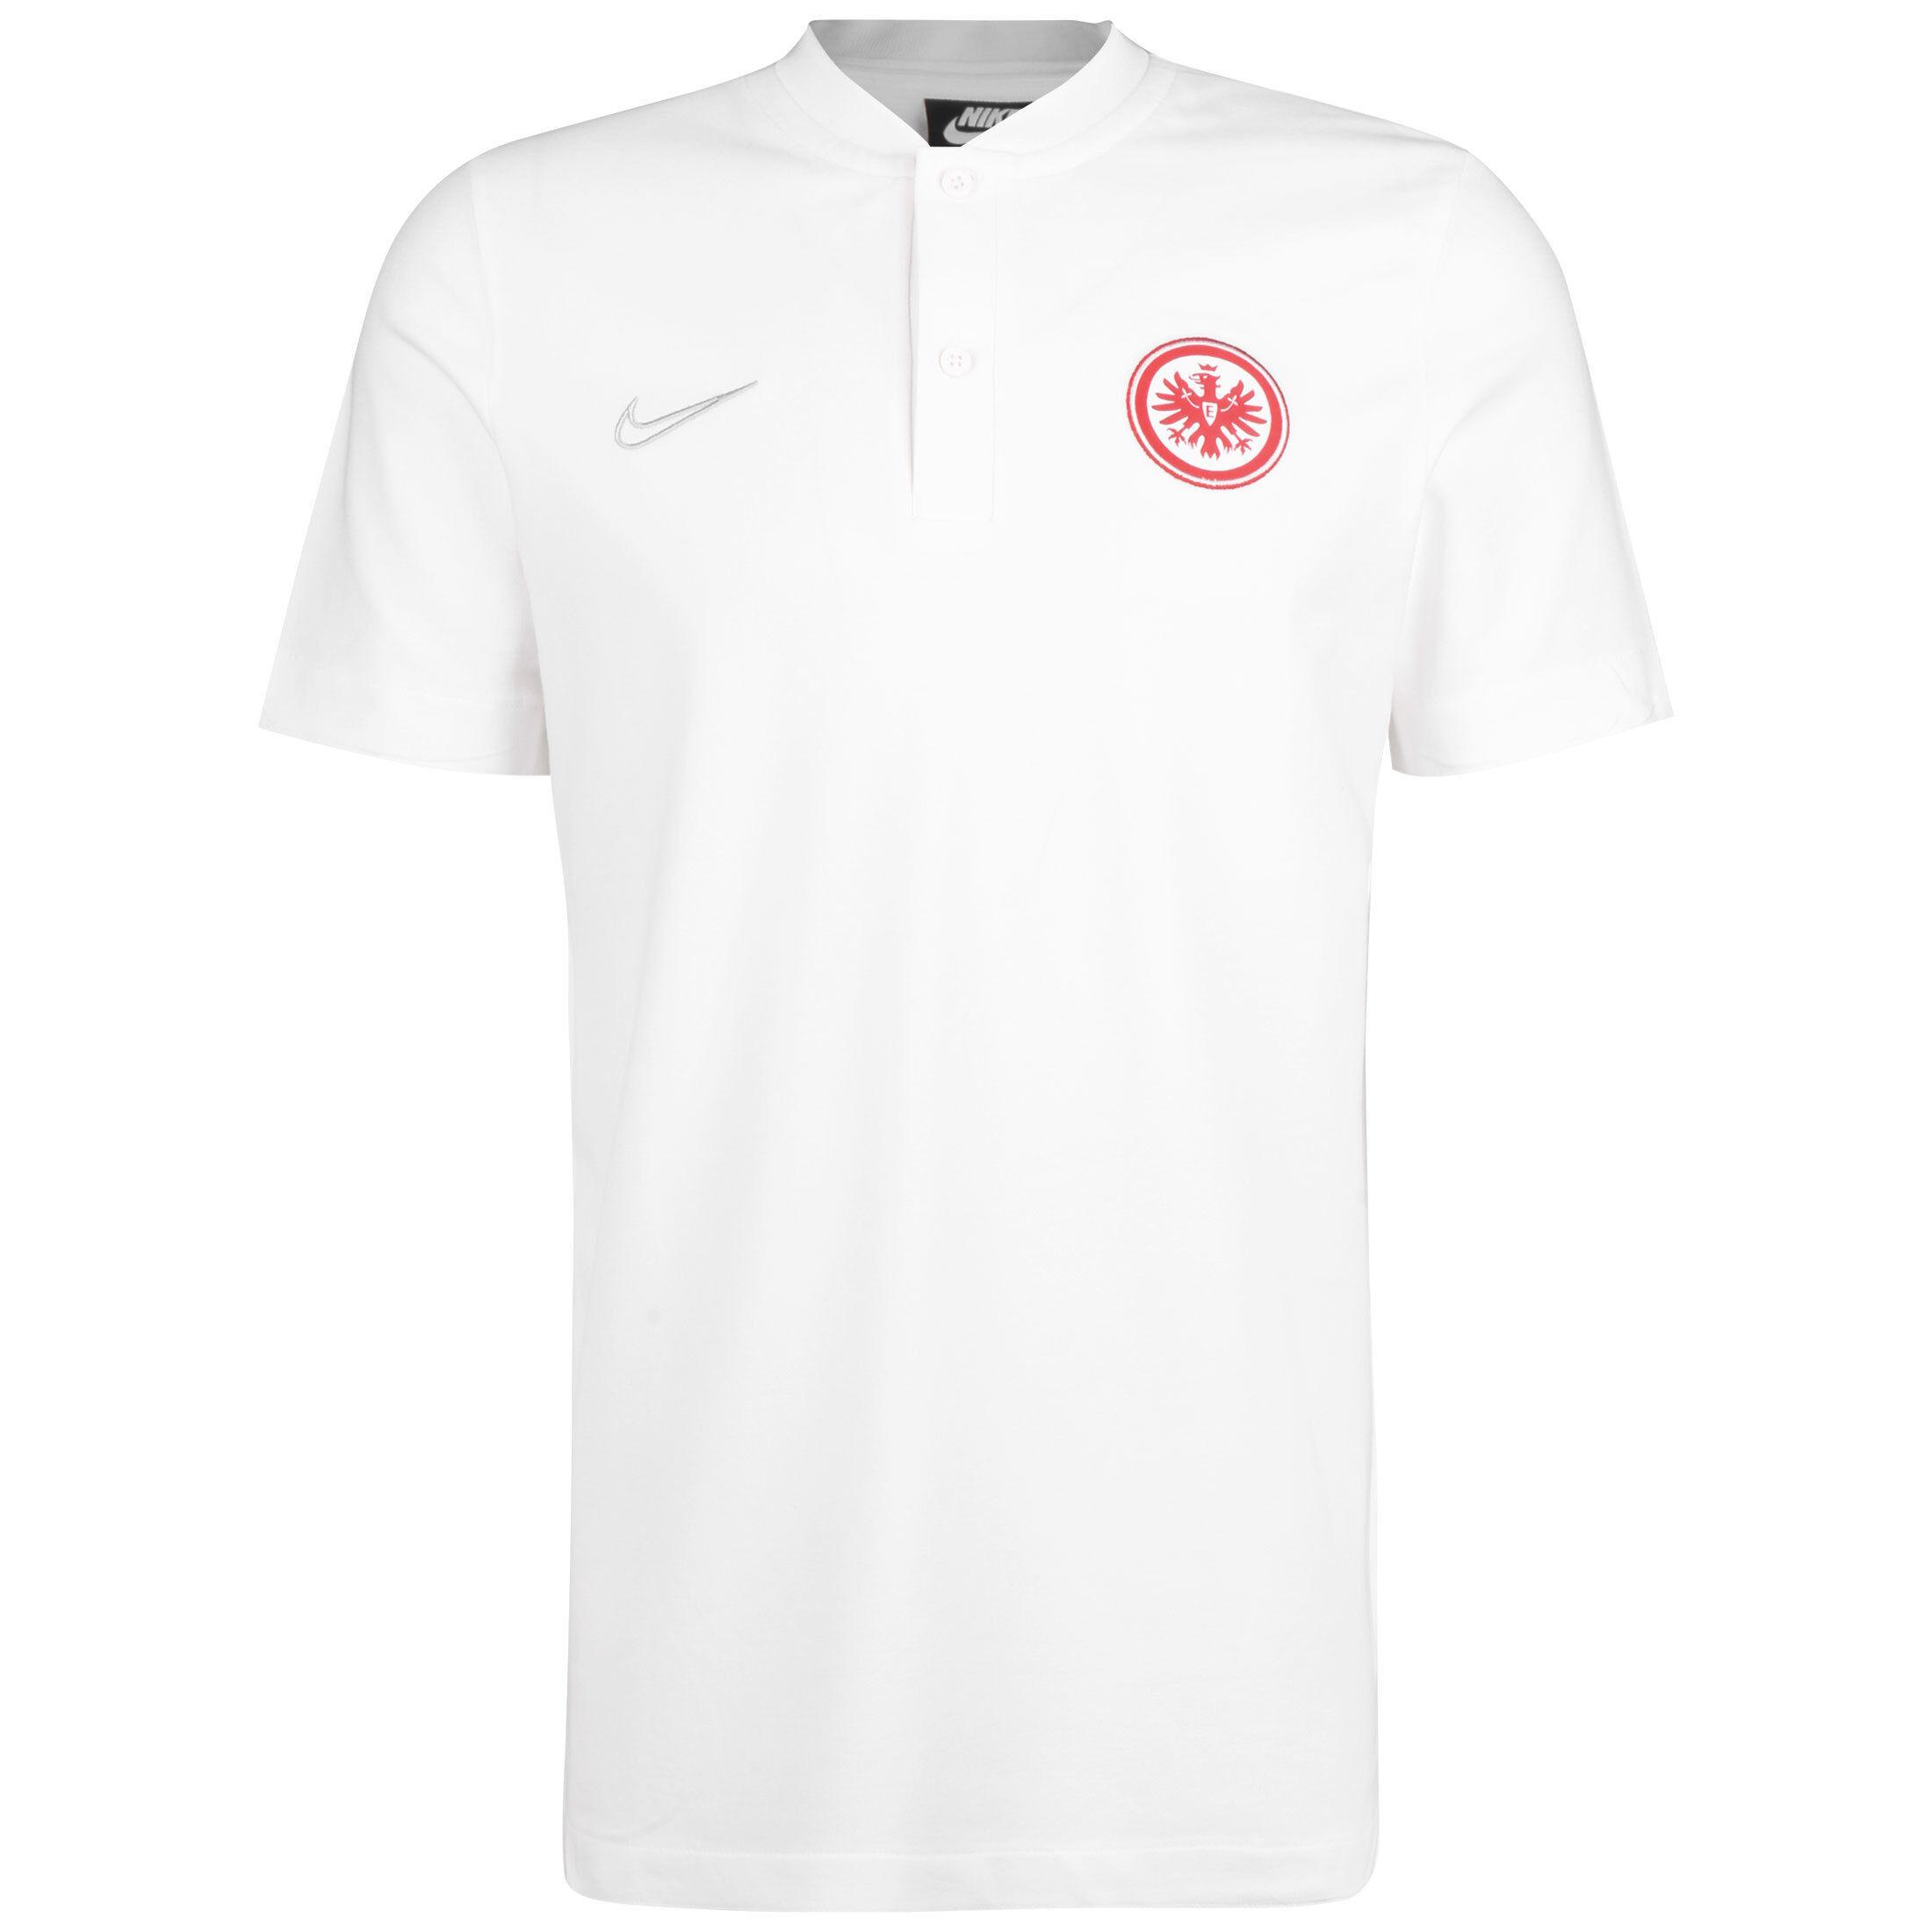 Jako Eintracht Frankfurt Polo wei/ß//grau Gr/ö/ße Jako:XXL